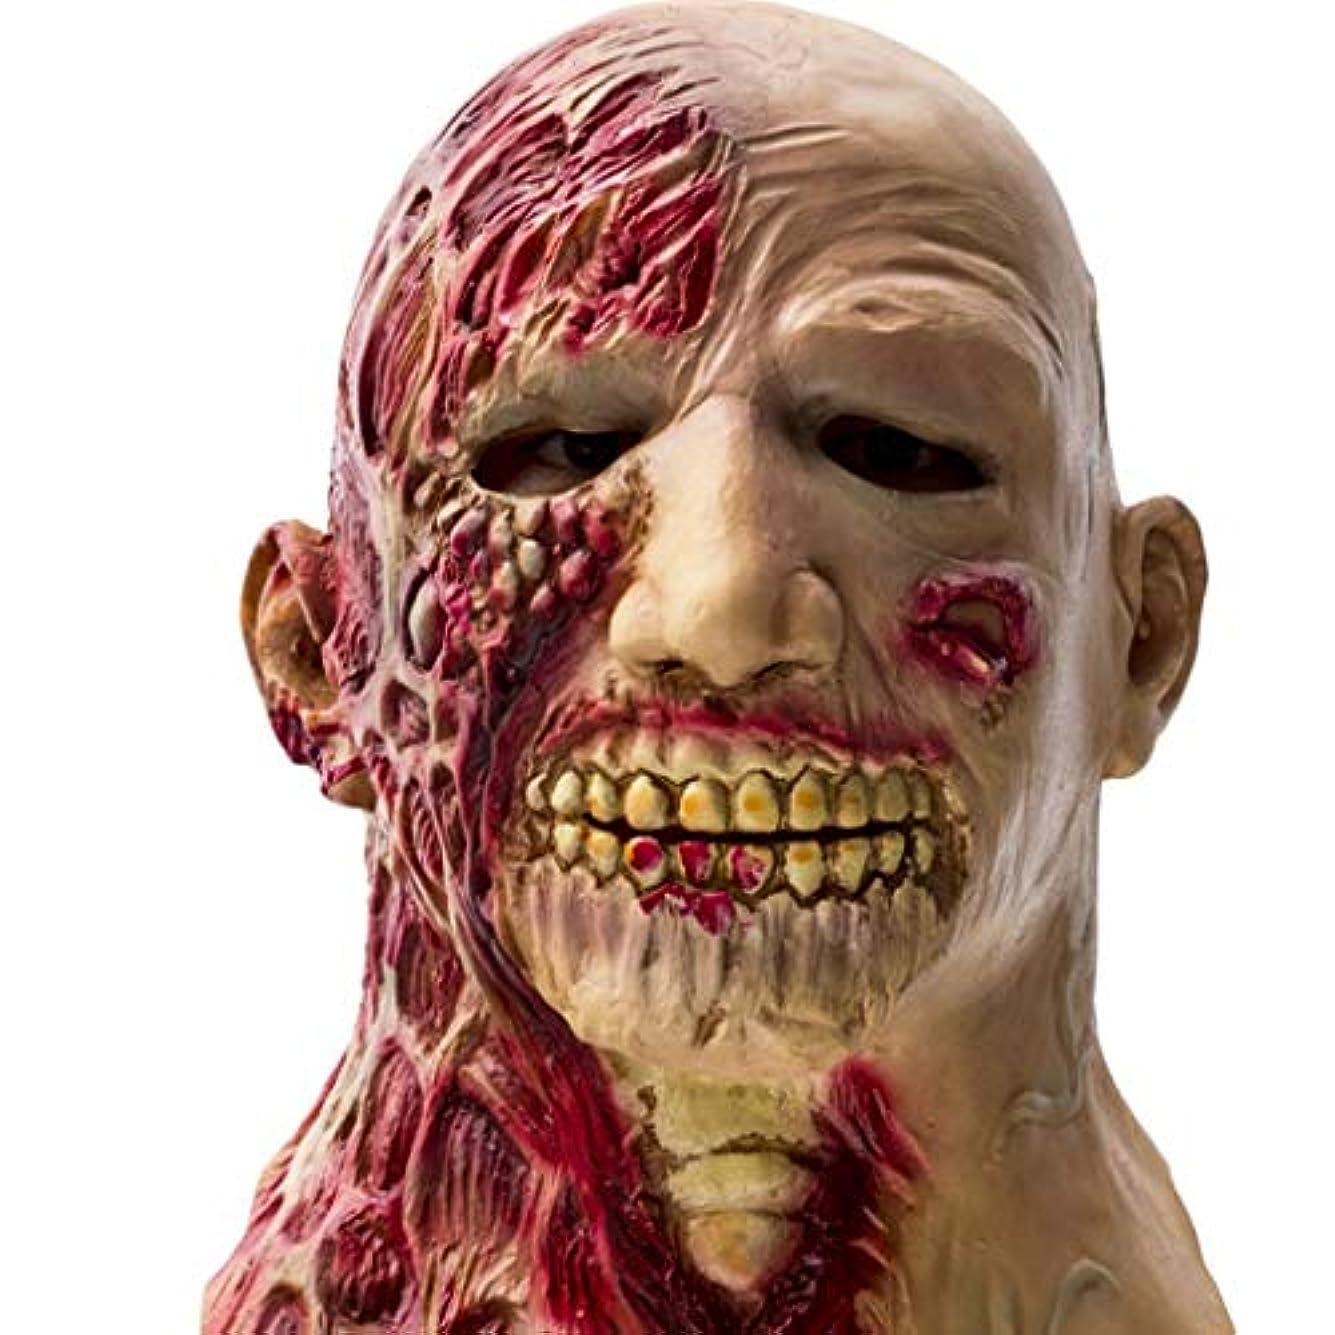 ニンニク永久考古学的なハロウィン大人のラテックスホラーマスクしかめっ面マスクパーティーマスク怖い悪魔マスク映画小道具仮面舞踏会マスク